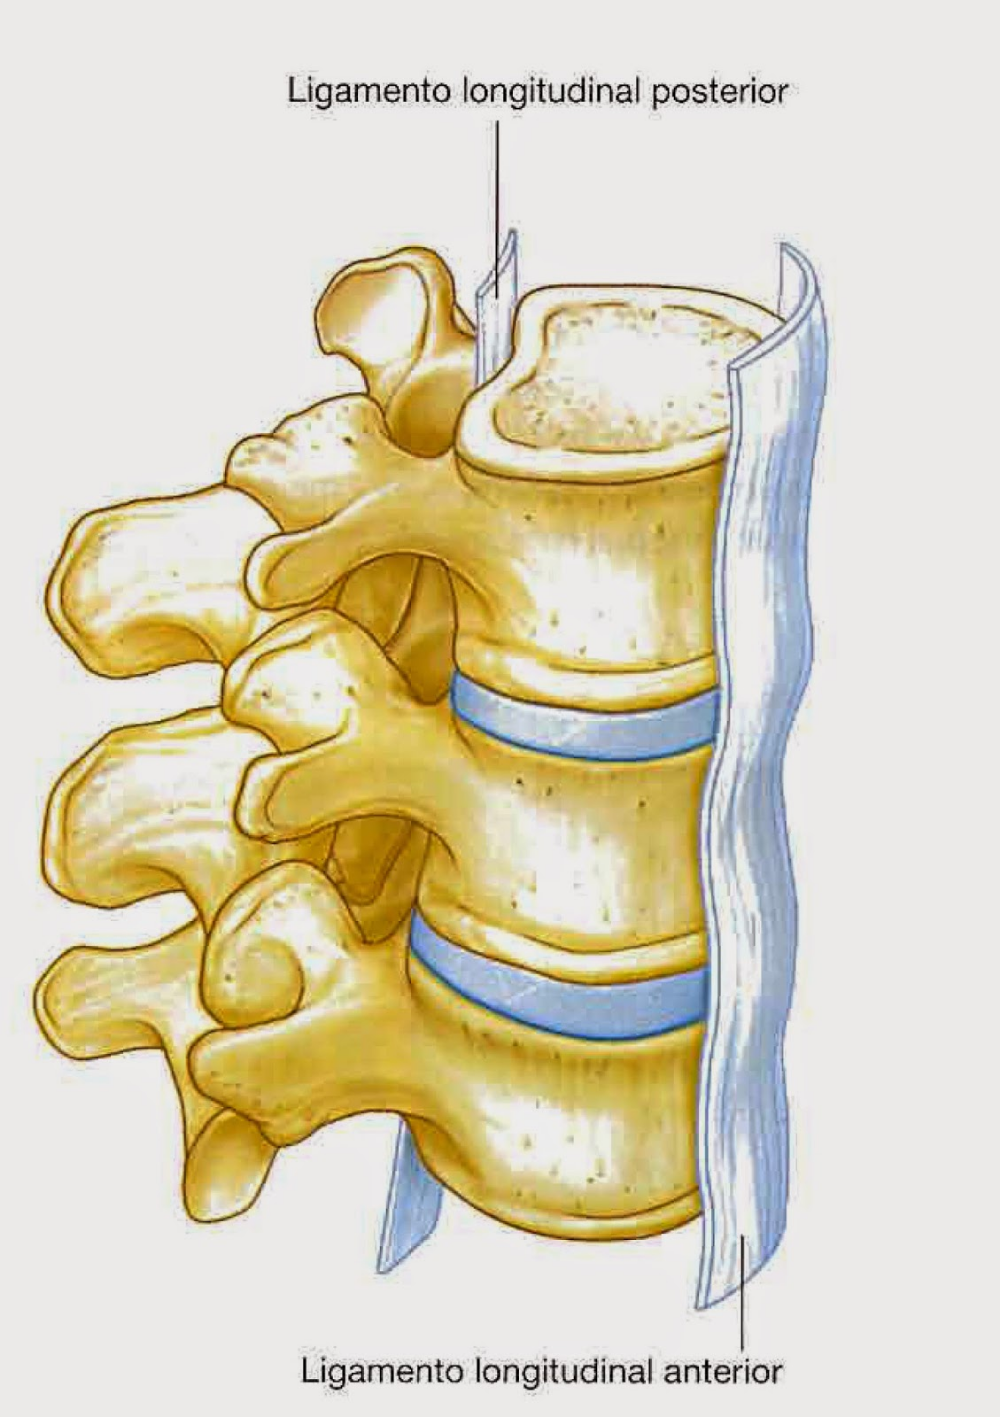 Anatomia De La Columna Vertebral Columna Vertebral Ligamentos Y Musculos Anatomia Anatomia Medica Musculos